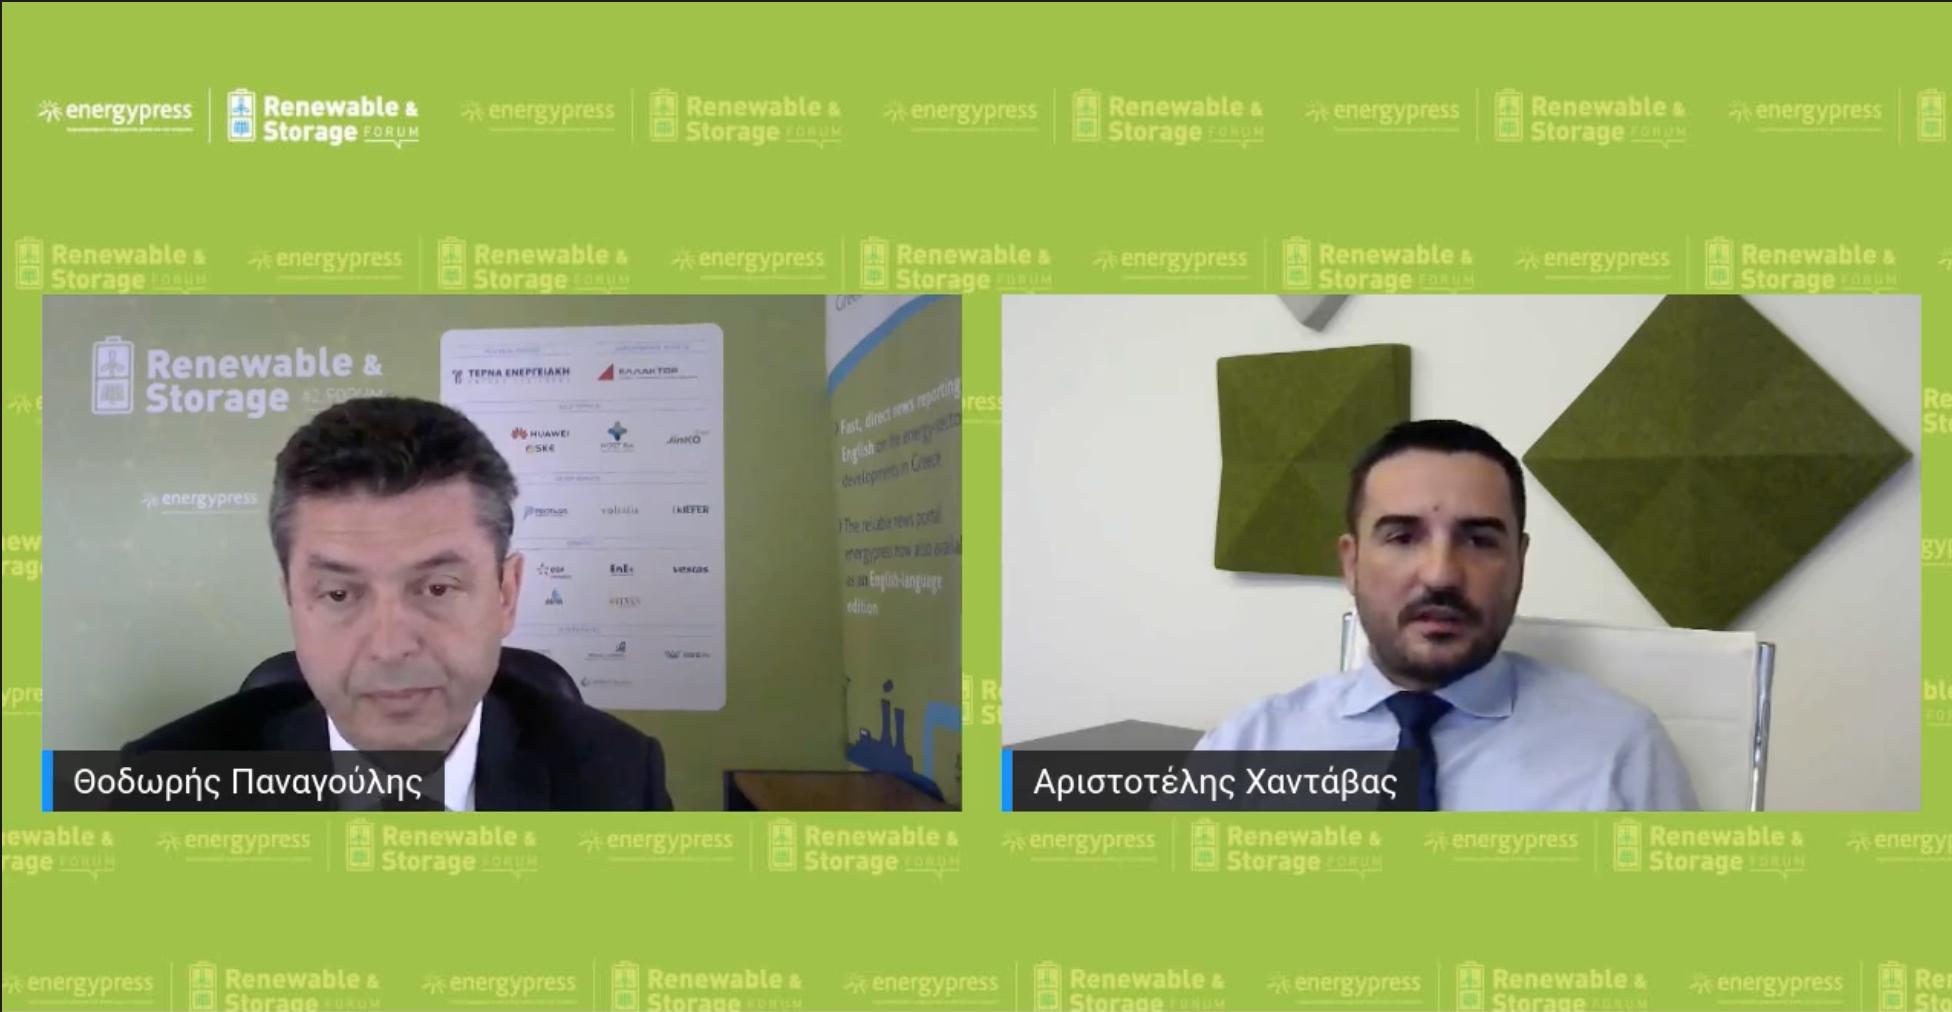 Α. Χαντάβας: Η Ελλάδα μπορεί υπό προϋποθέσεις να εξελιχθεί σε σημαντική ενεργειακή αγορά